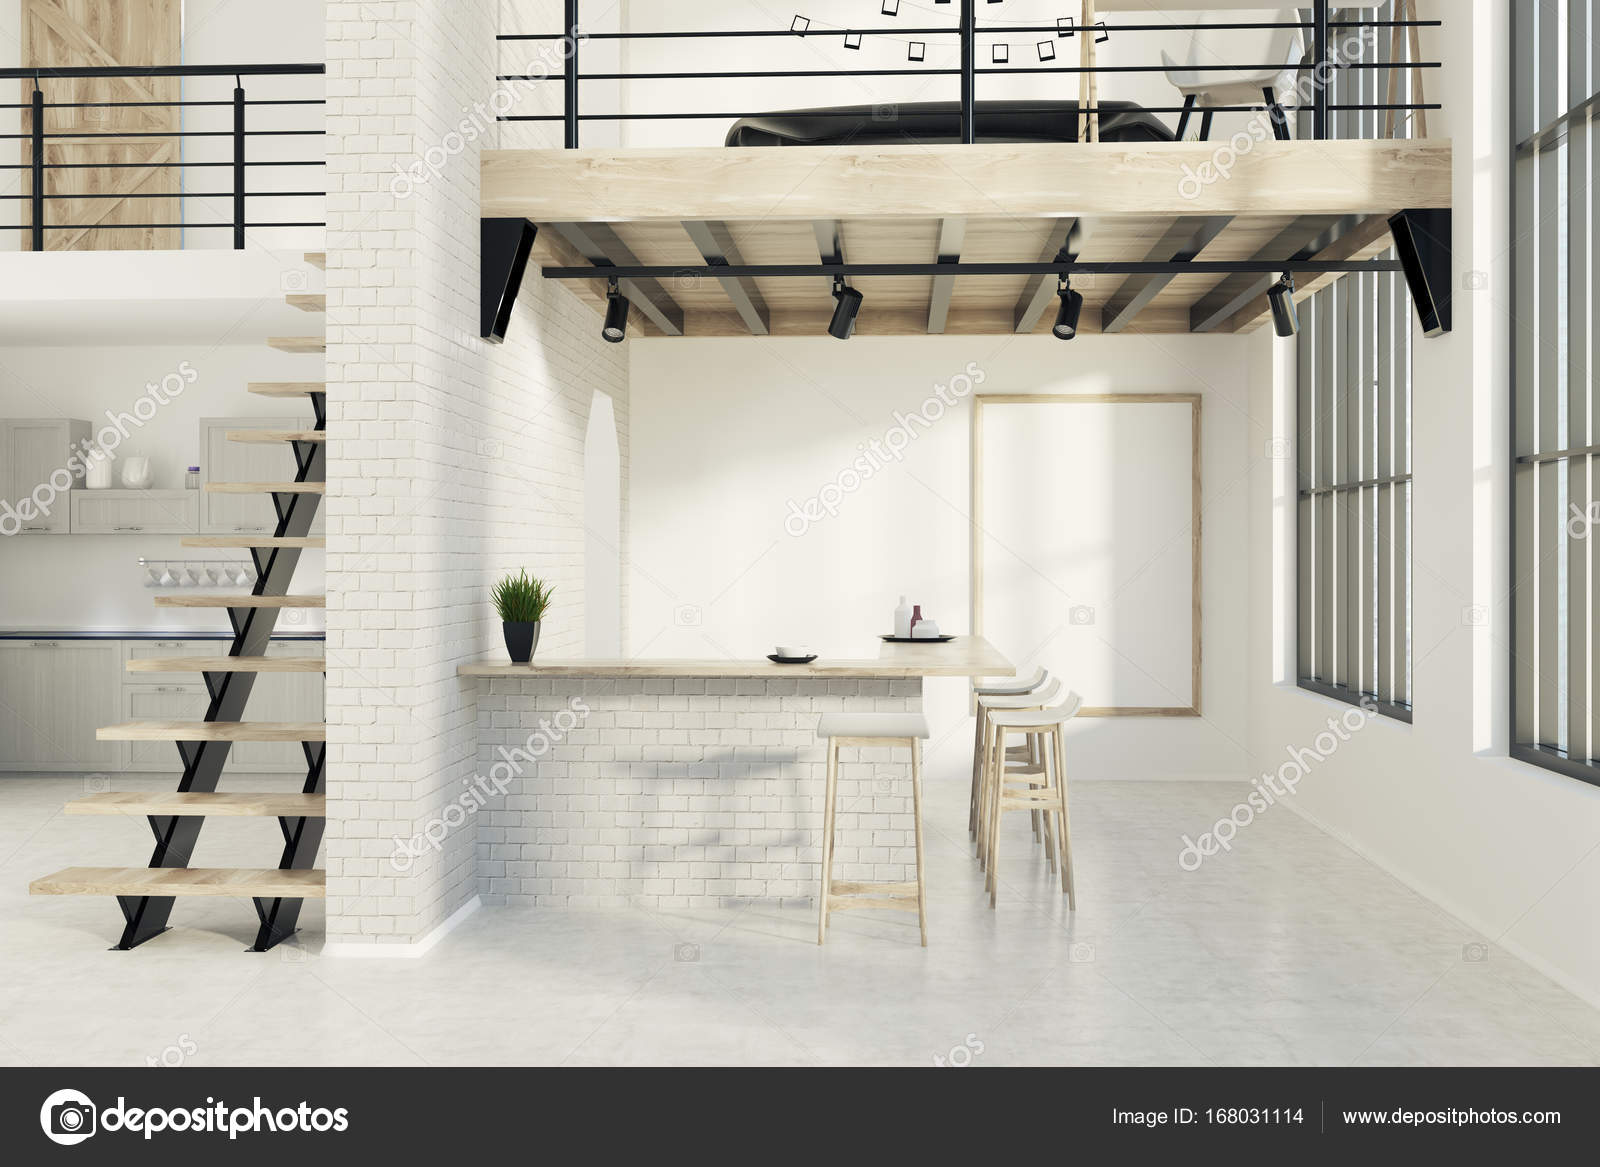 Ziegel-Küche-Bar mit einem Plakat — Stockfoto © denisismagilov ...